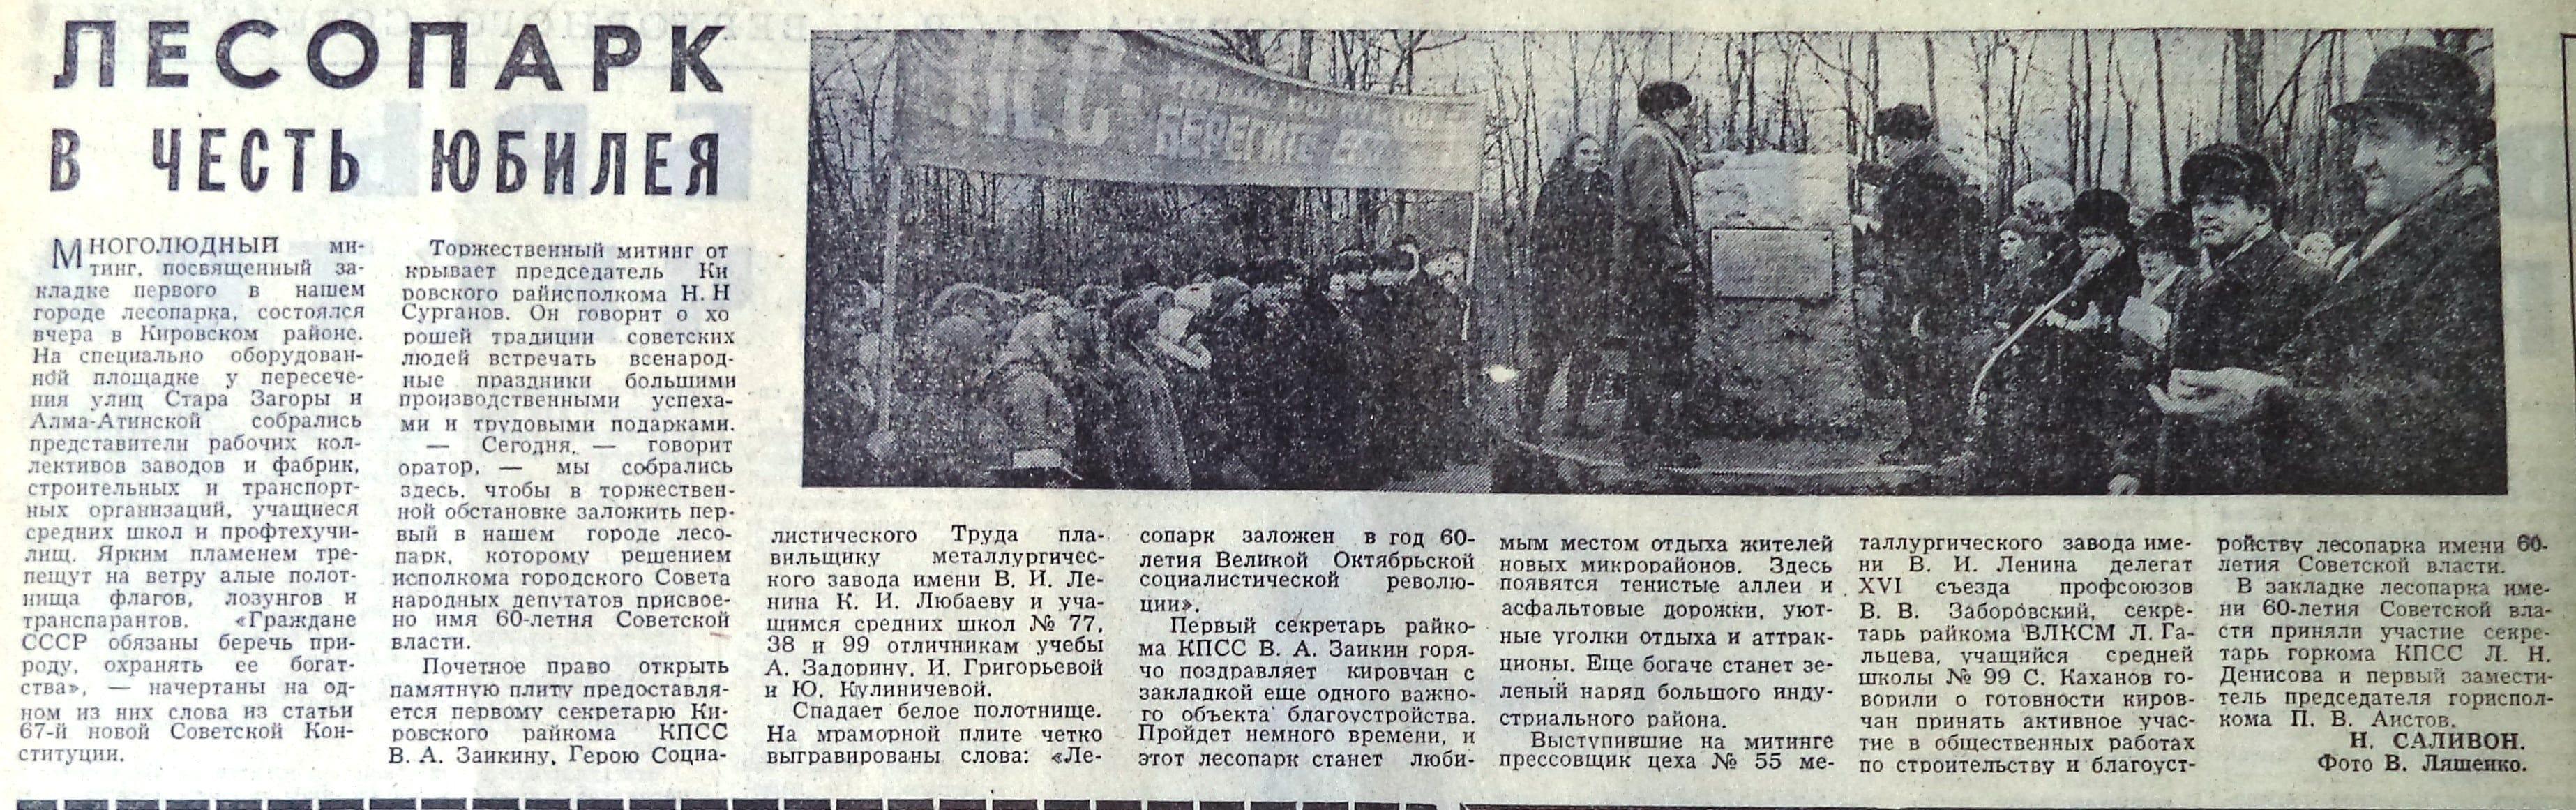 Стара Загора-ФОТО-123-ВЗя-1977-11-03-на закладке Лесопарка-min-min